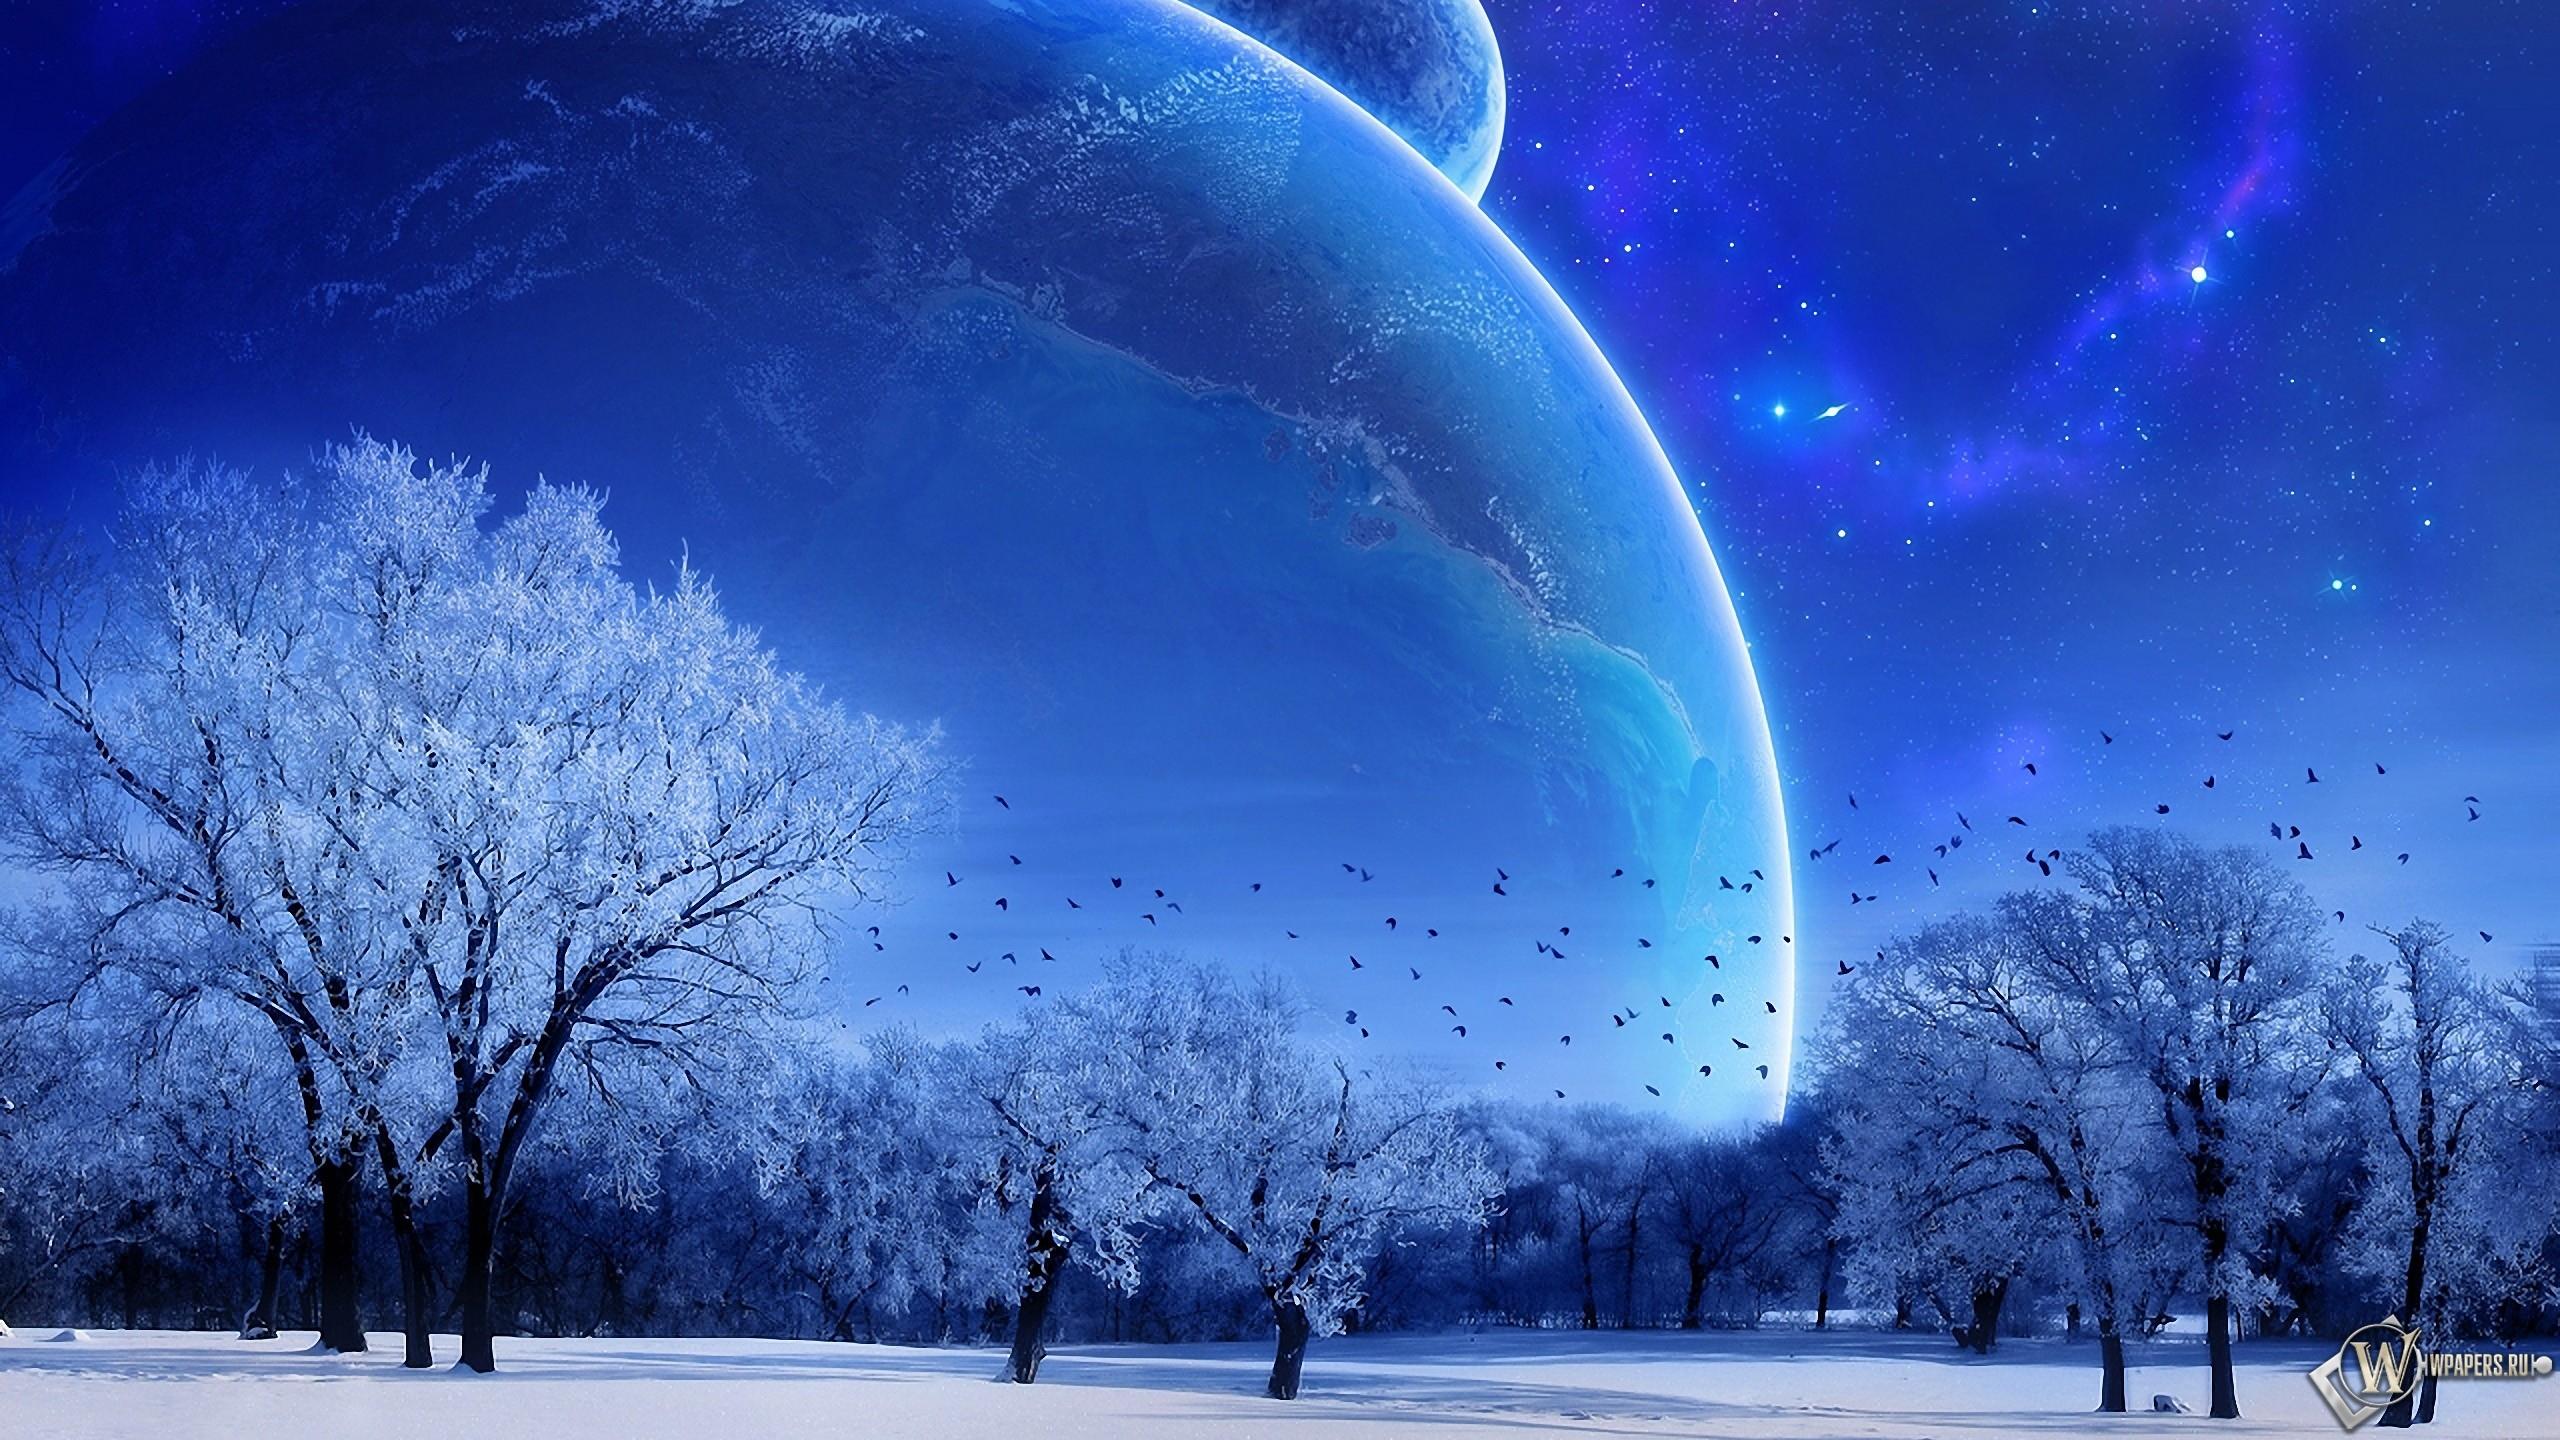 Зимняя фантазия 2560x1440